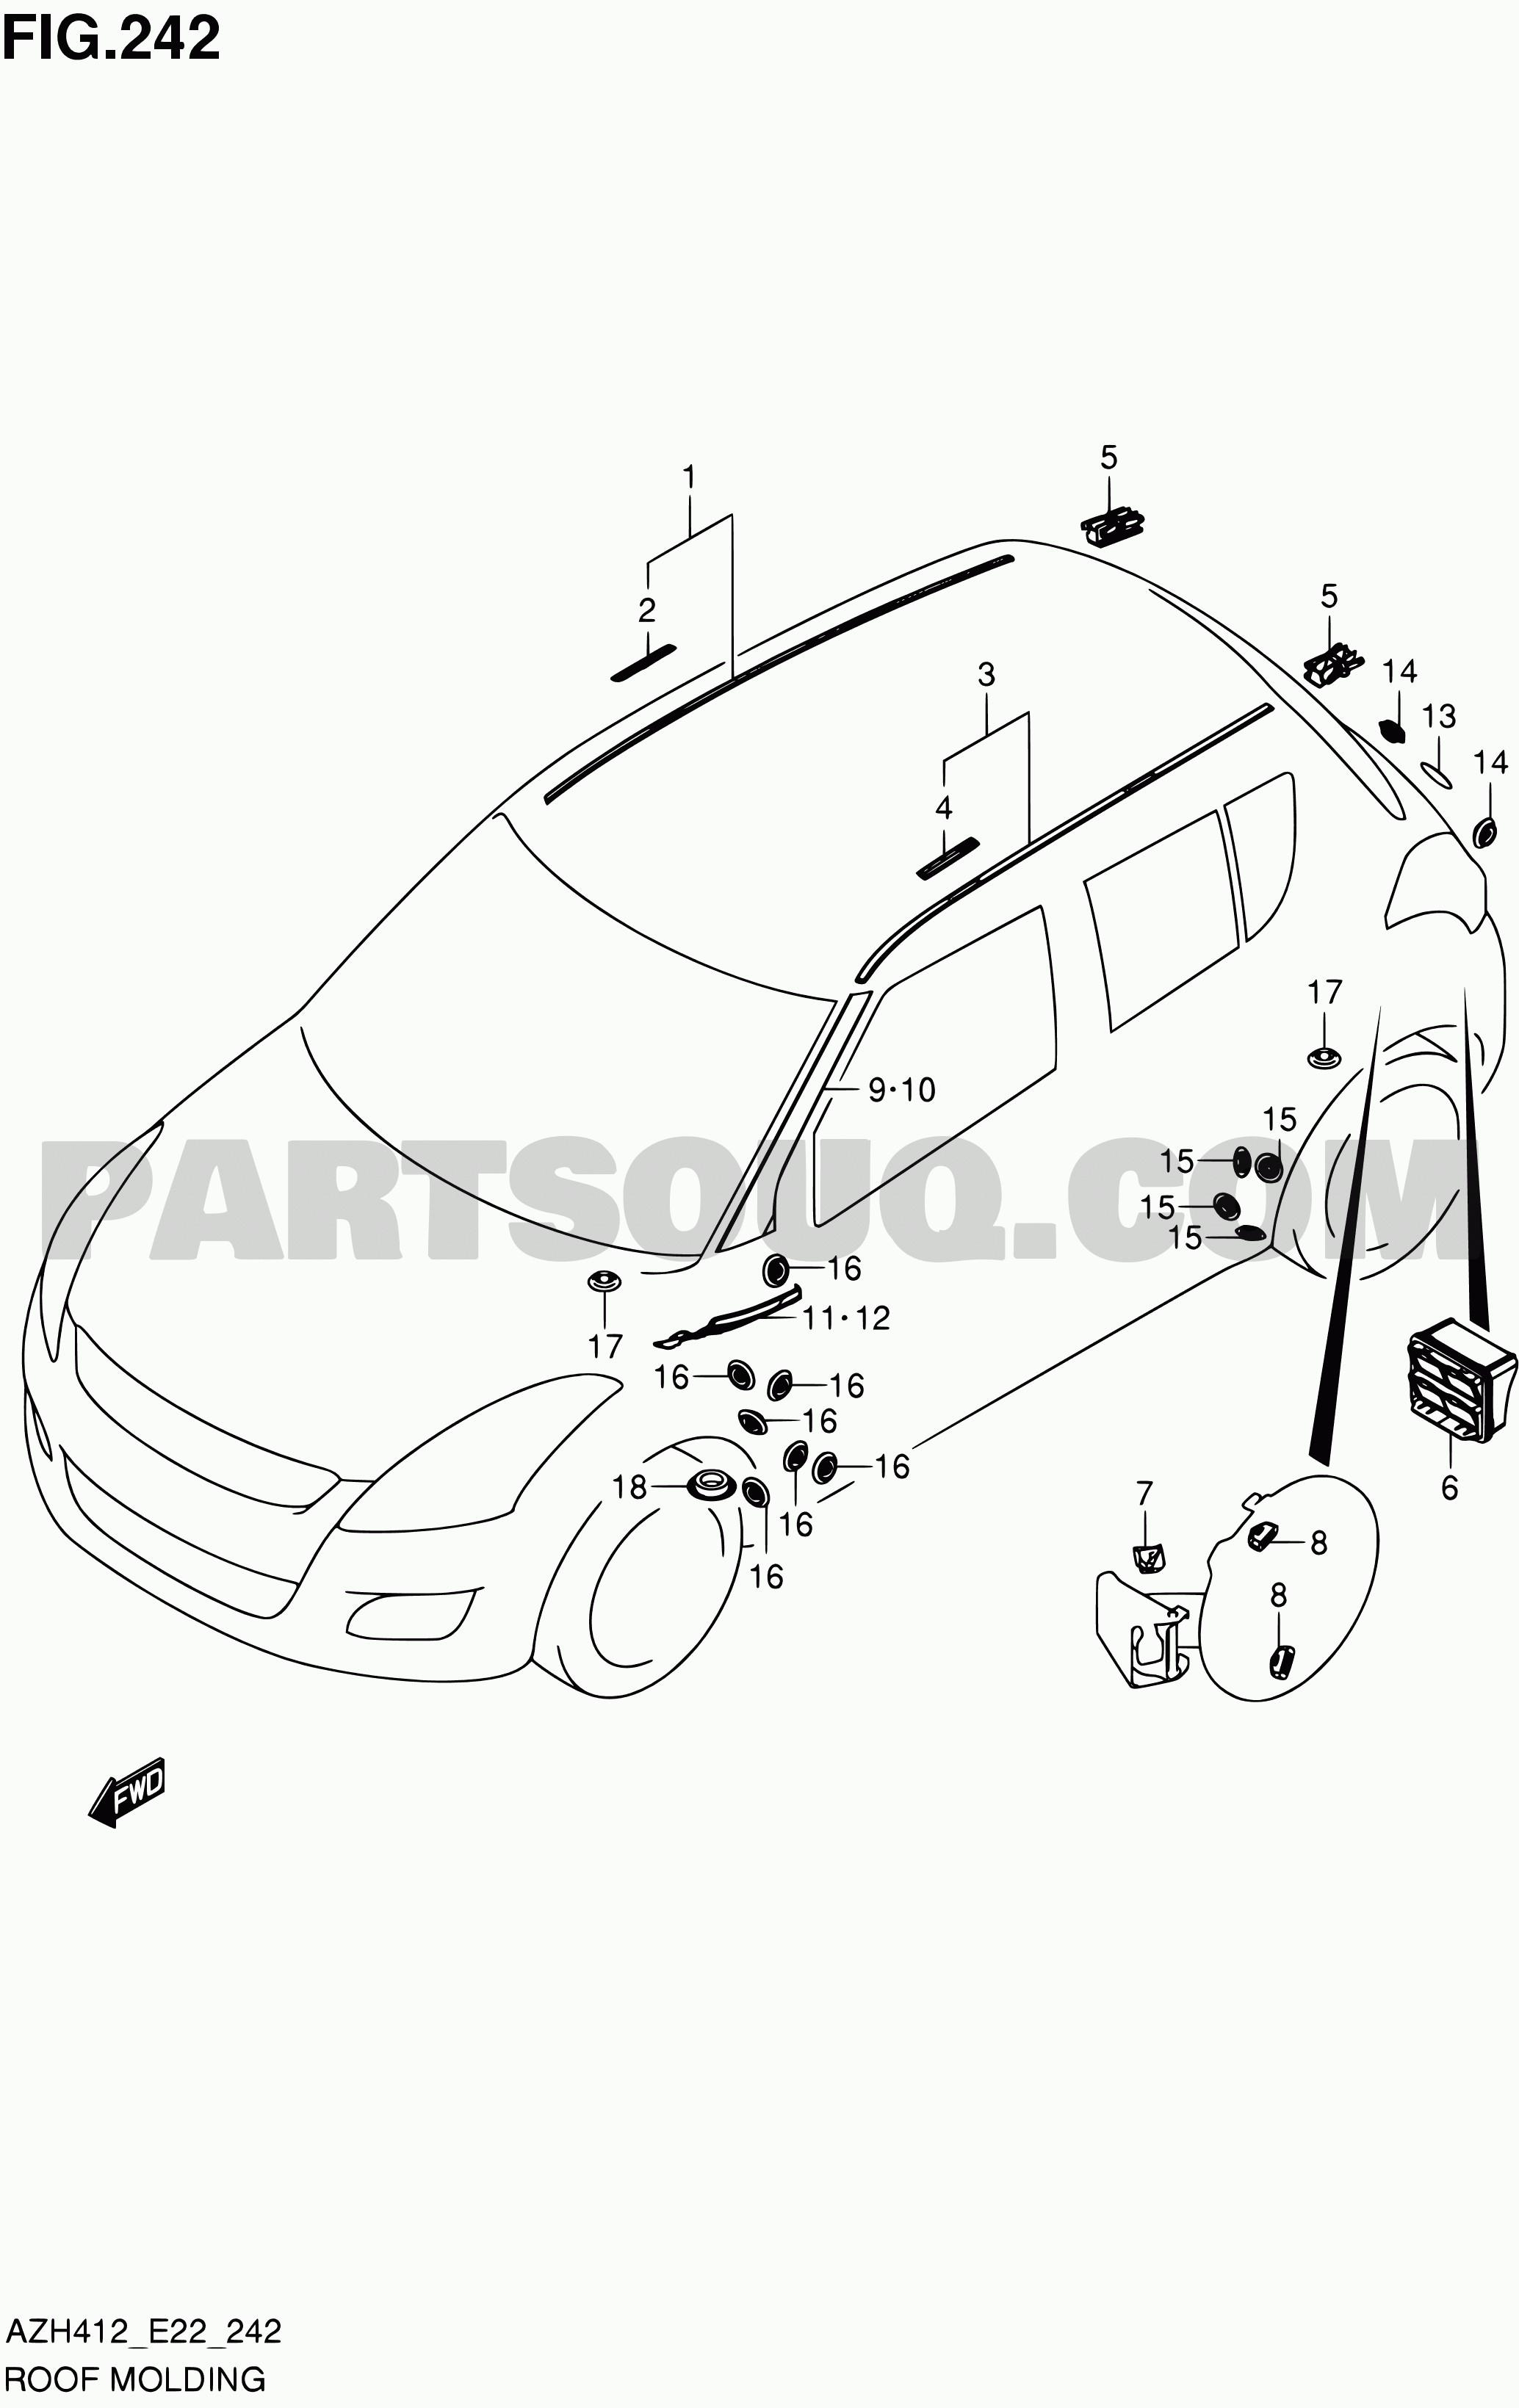 Car Parts Labeled Diagram Exterior Car Parts Diagram 242